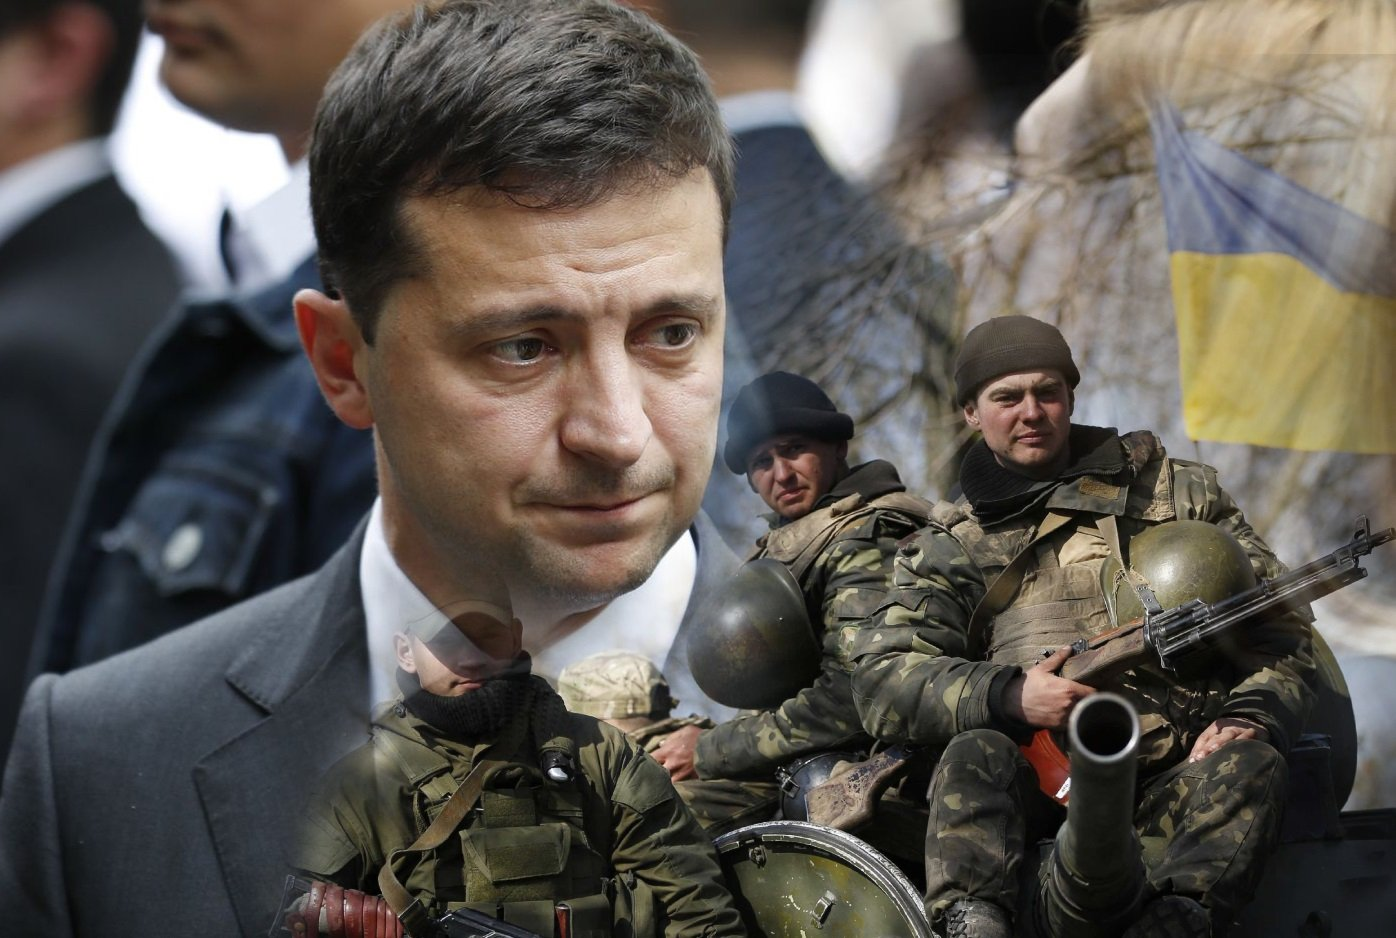 Почему Россия заблокировала переговоры в ТКГ по Донбассу, и почему это удивило украинскую сторону